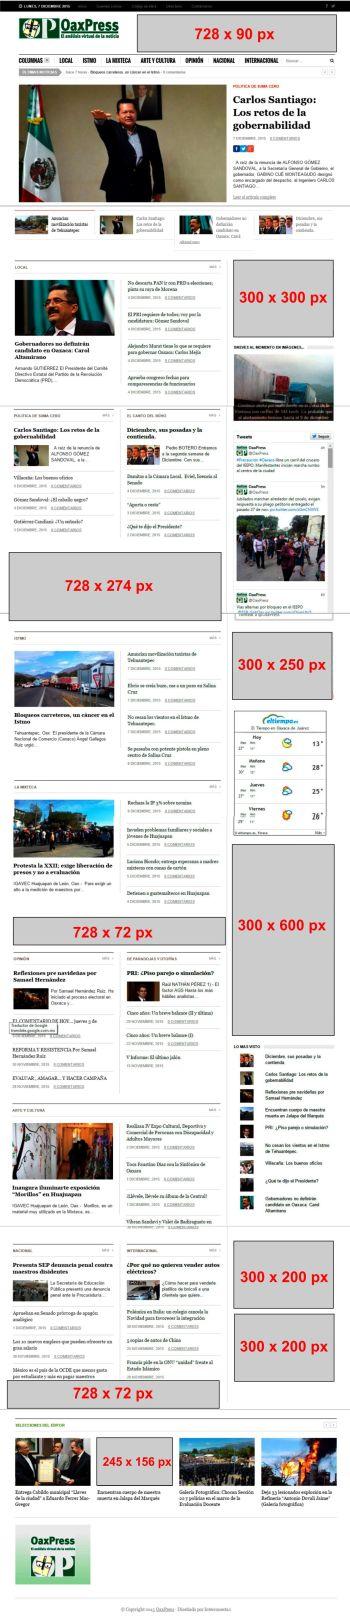 ubicacion_publicidad